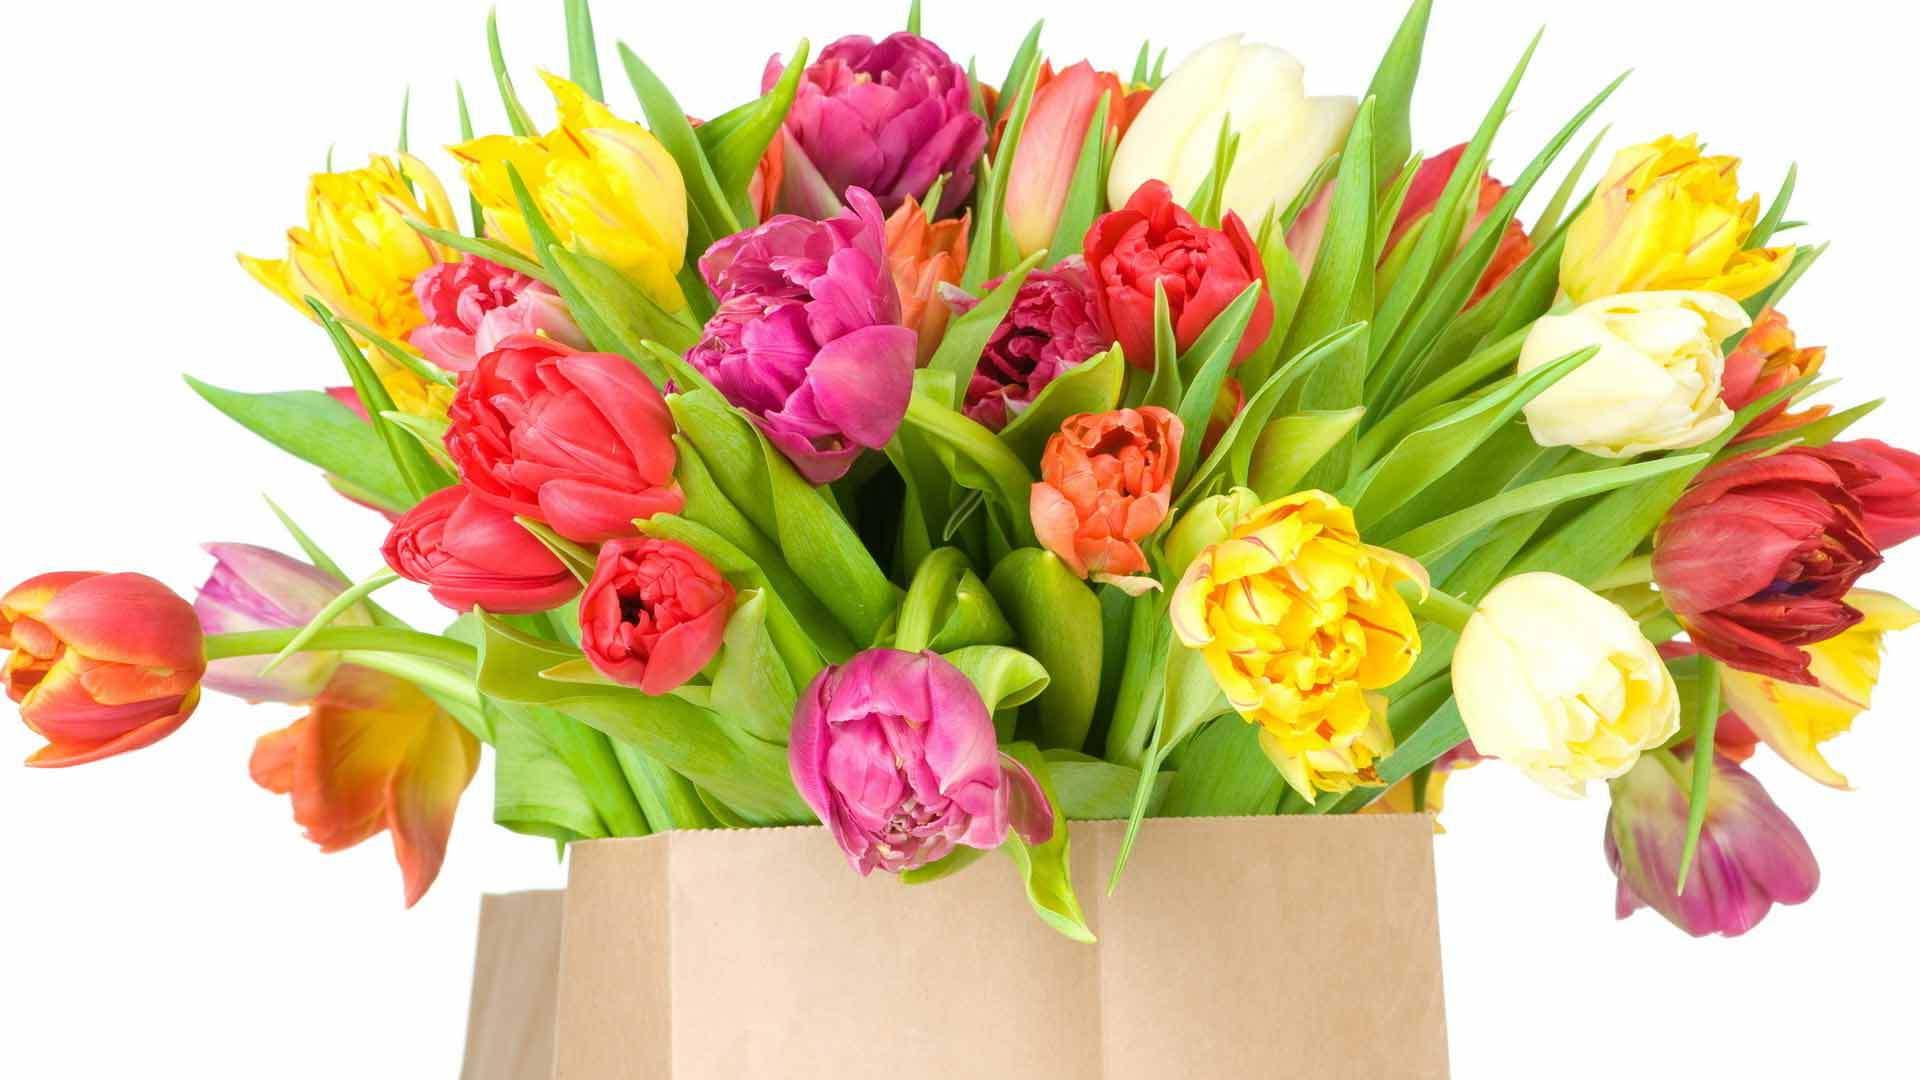 Тюльпаны красивая открытка 46